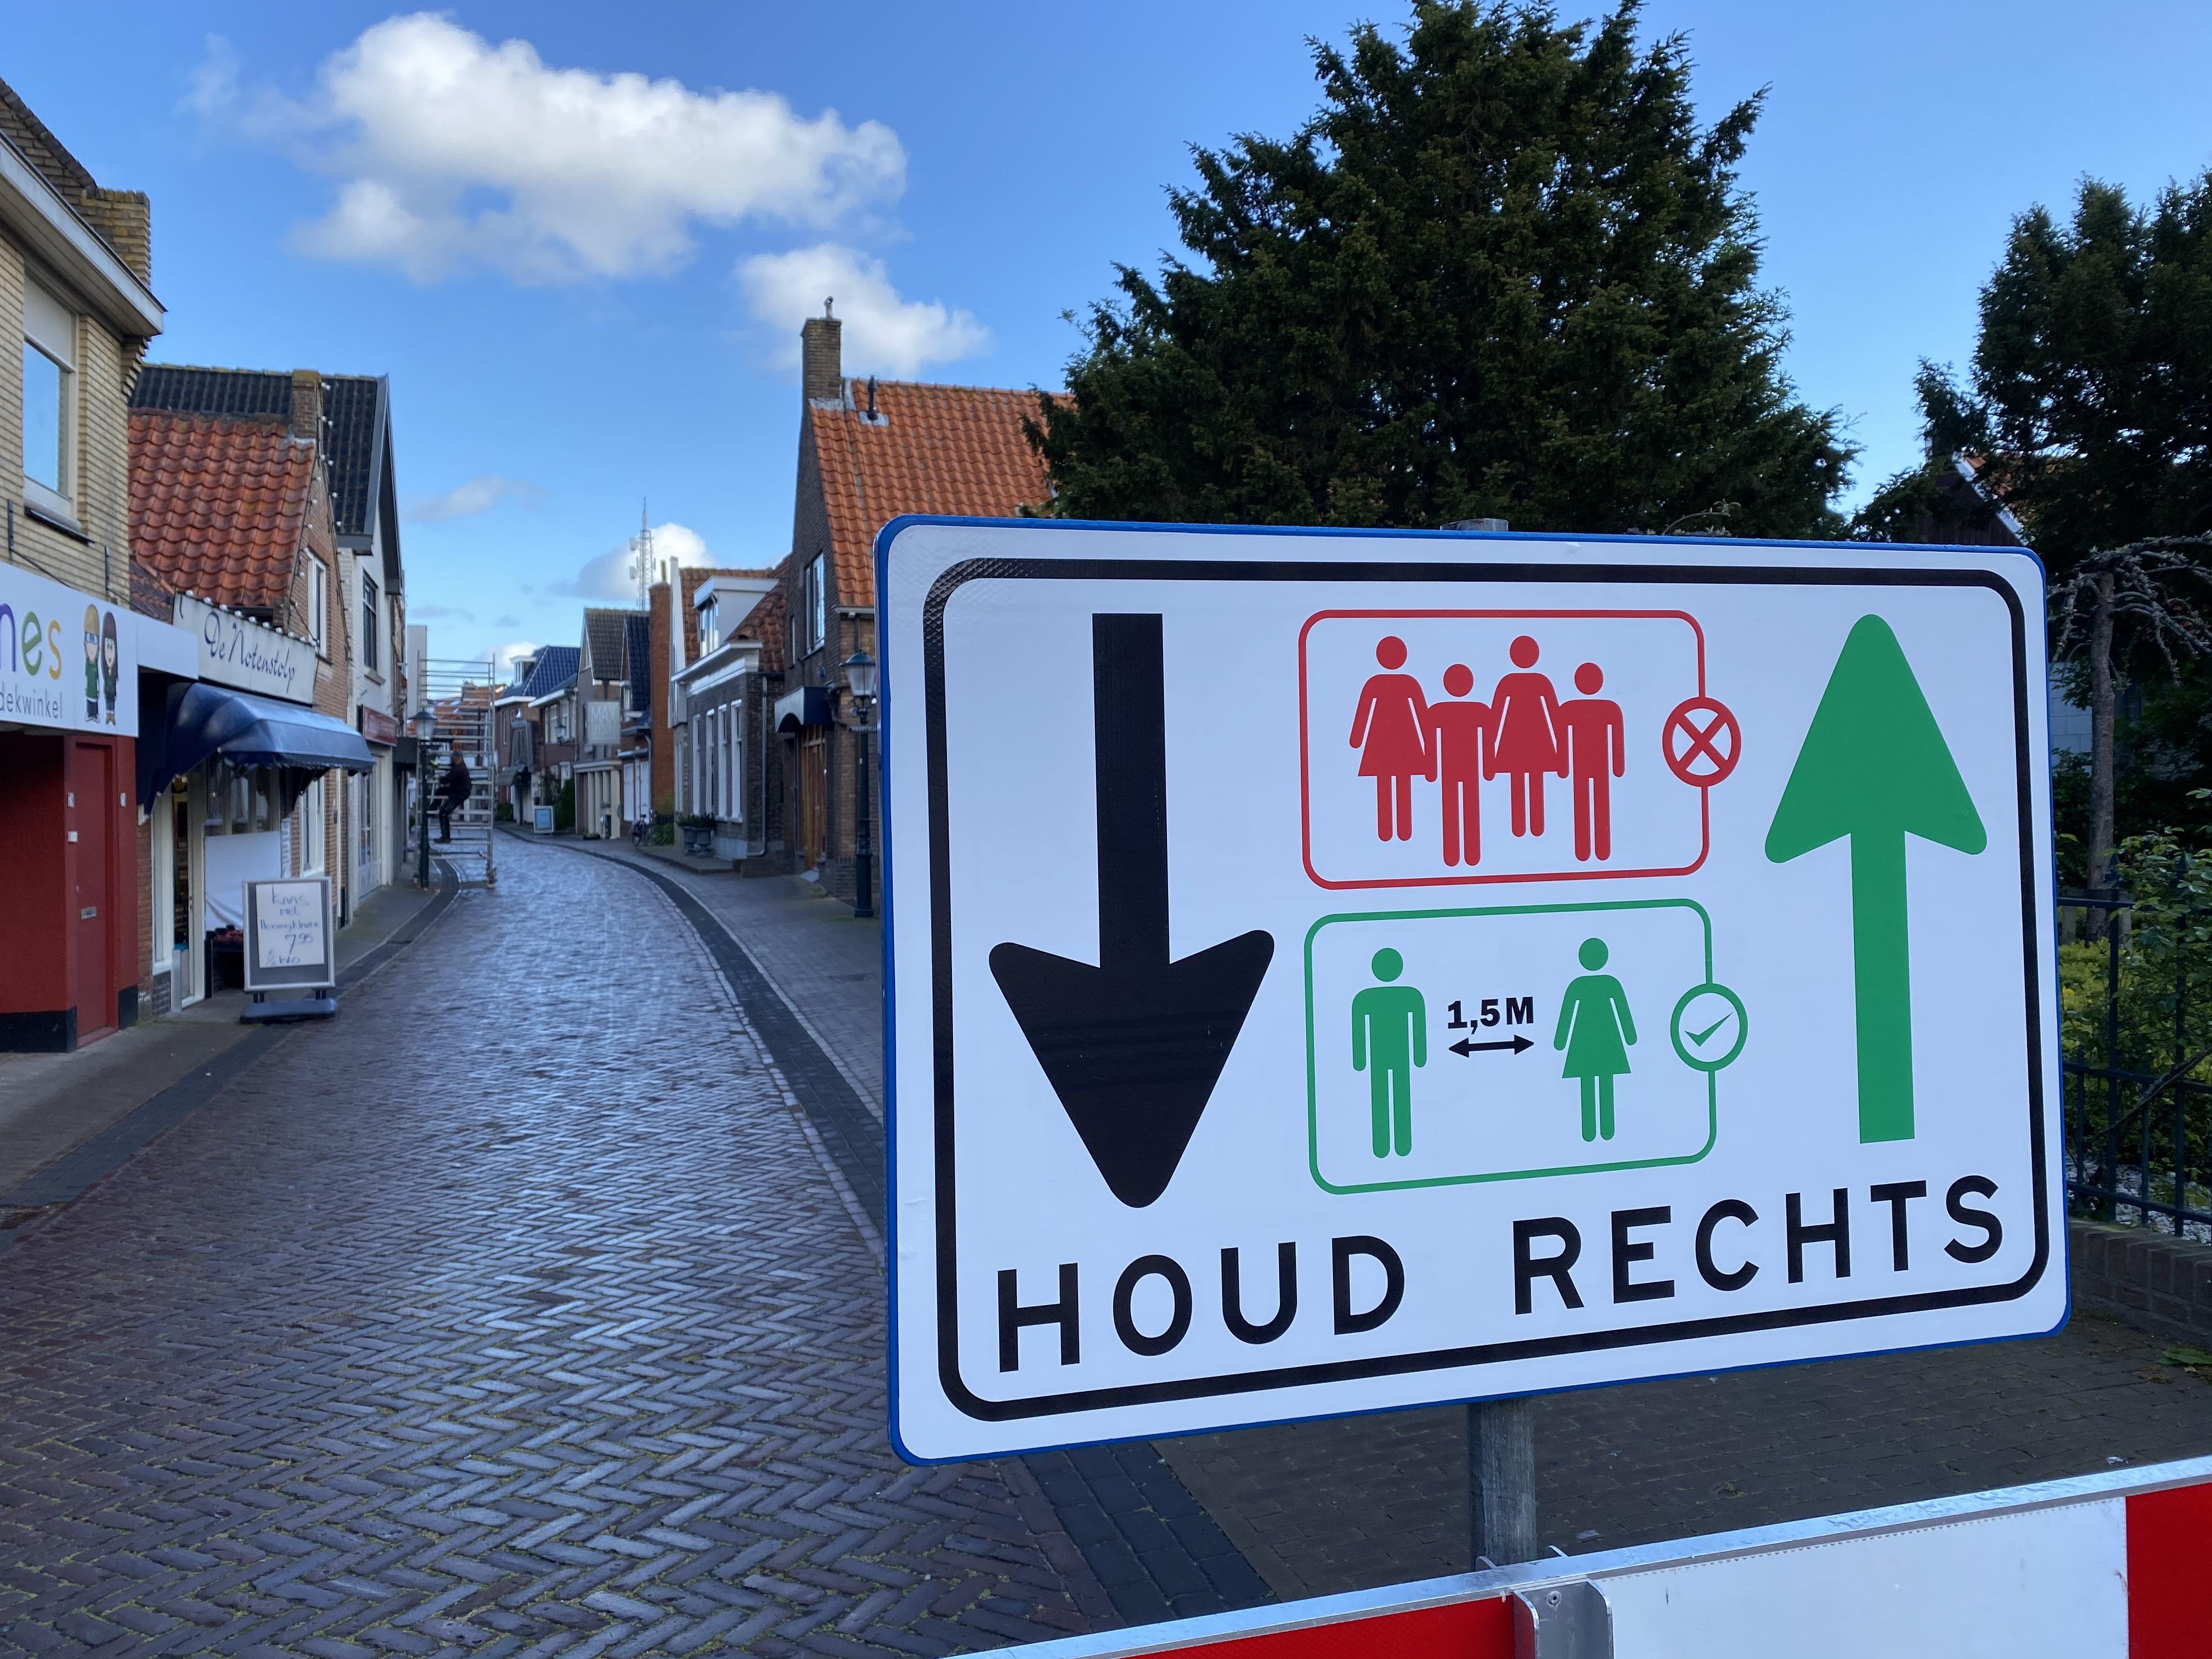 Corona maatregelen bord Den Burg houd rechts VVV Texel